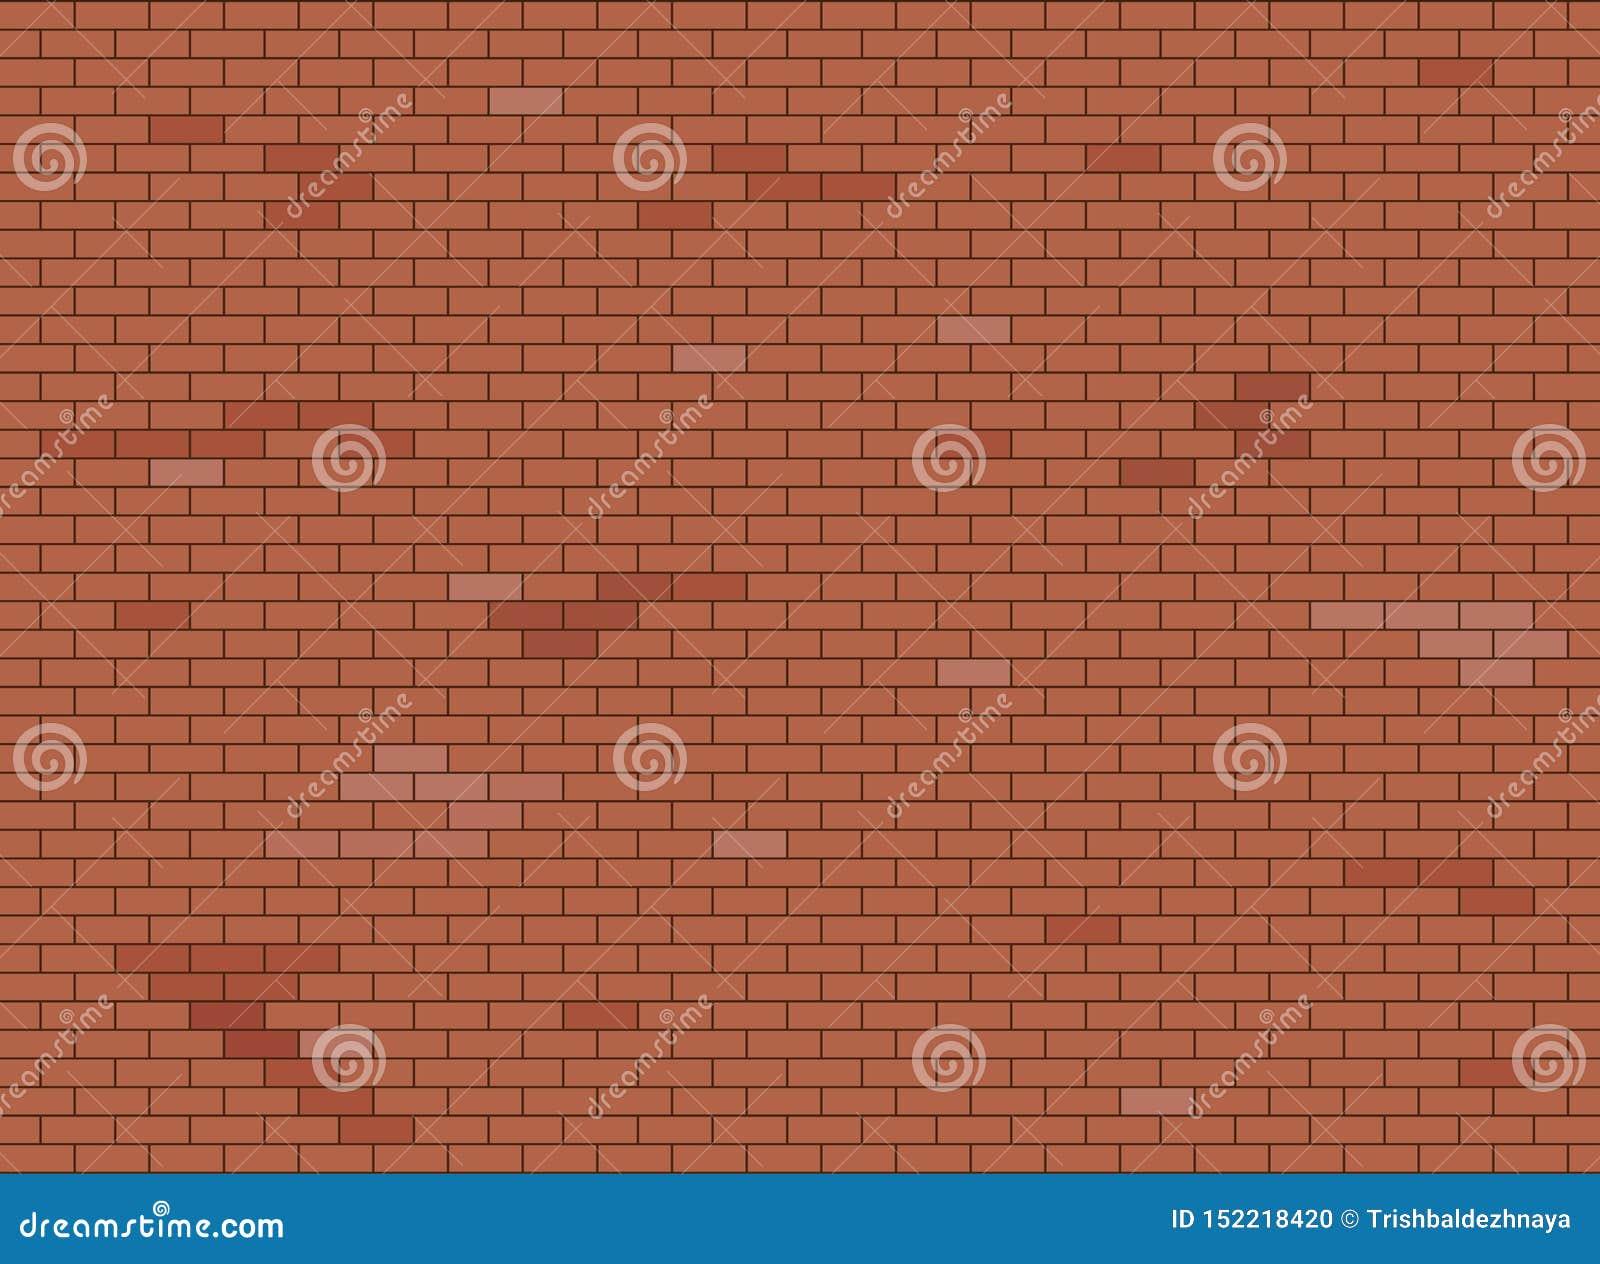 Abstracte bruine en rode bakstenen muurtextuur als achtergrond, Vectorillustratie